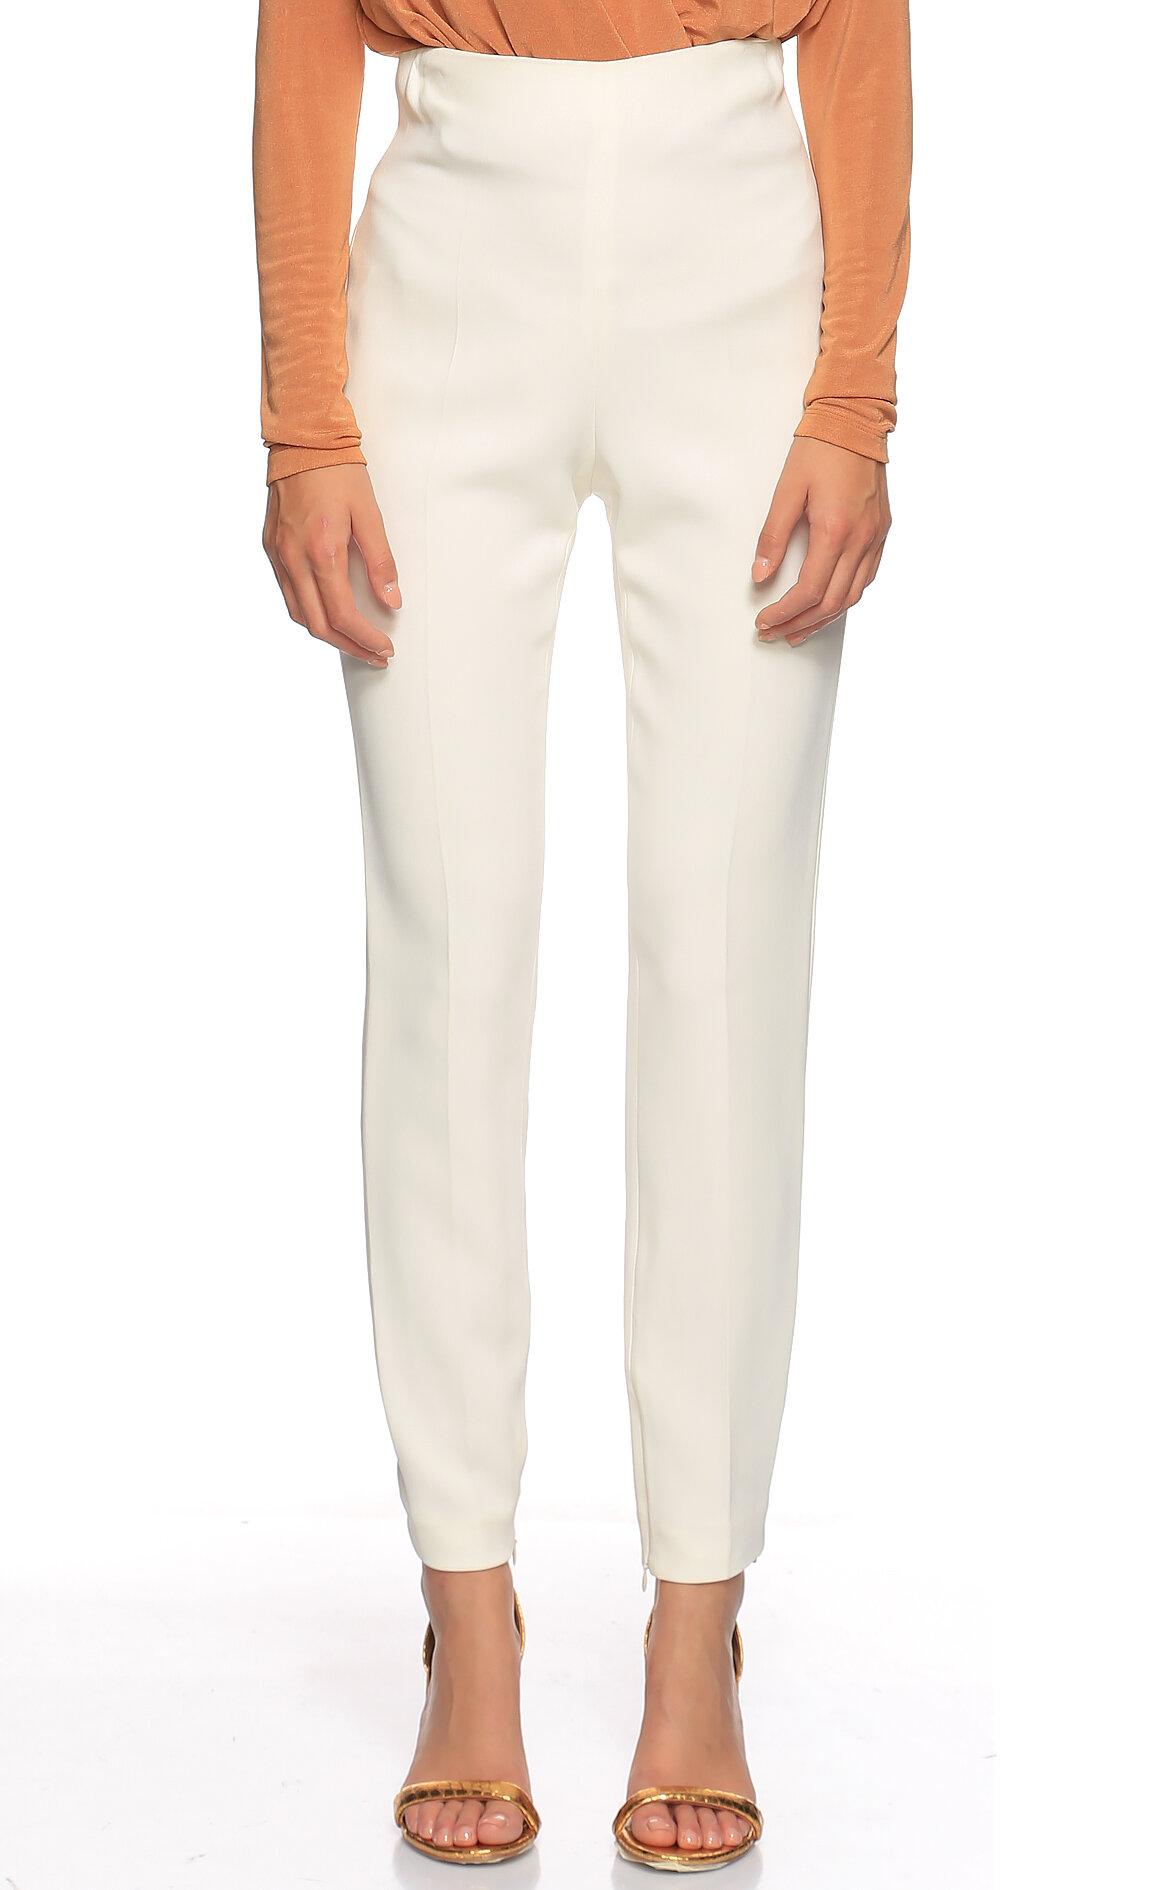 Giambattista Valli-Giambattista Valli Yüksek Belli Beyaz Pantolon